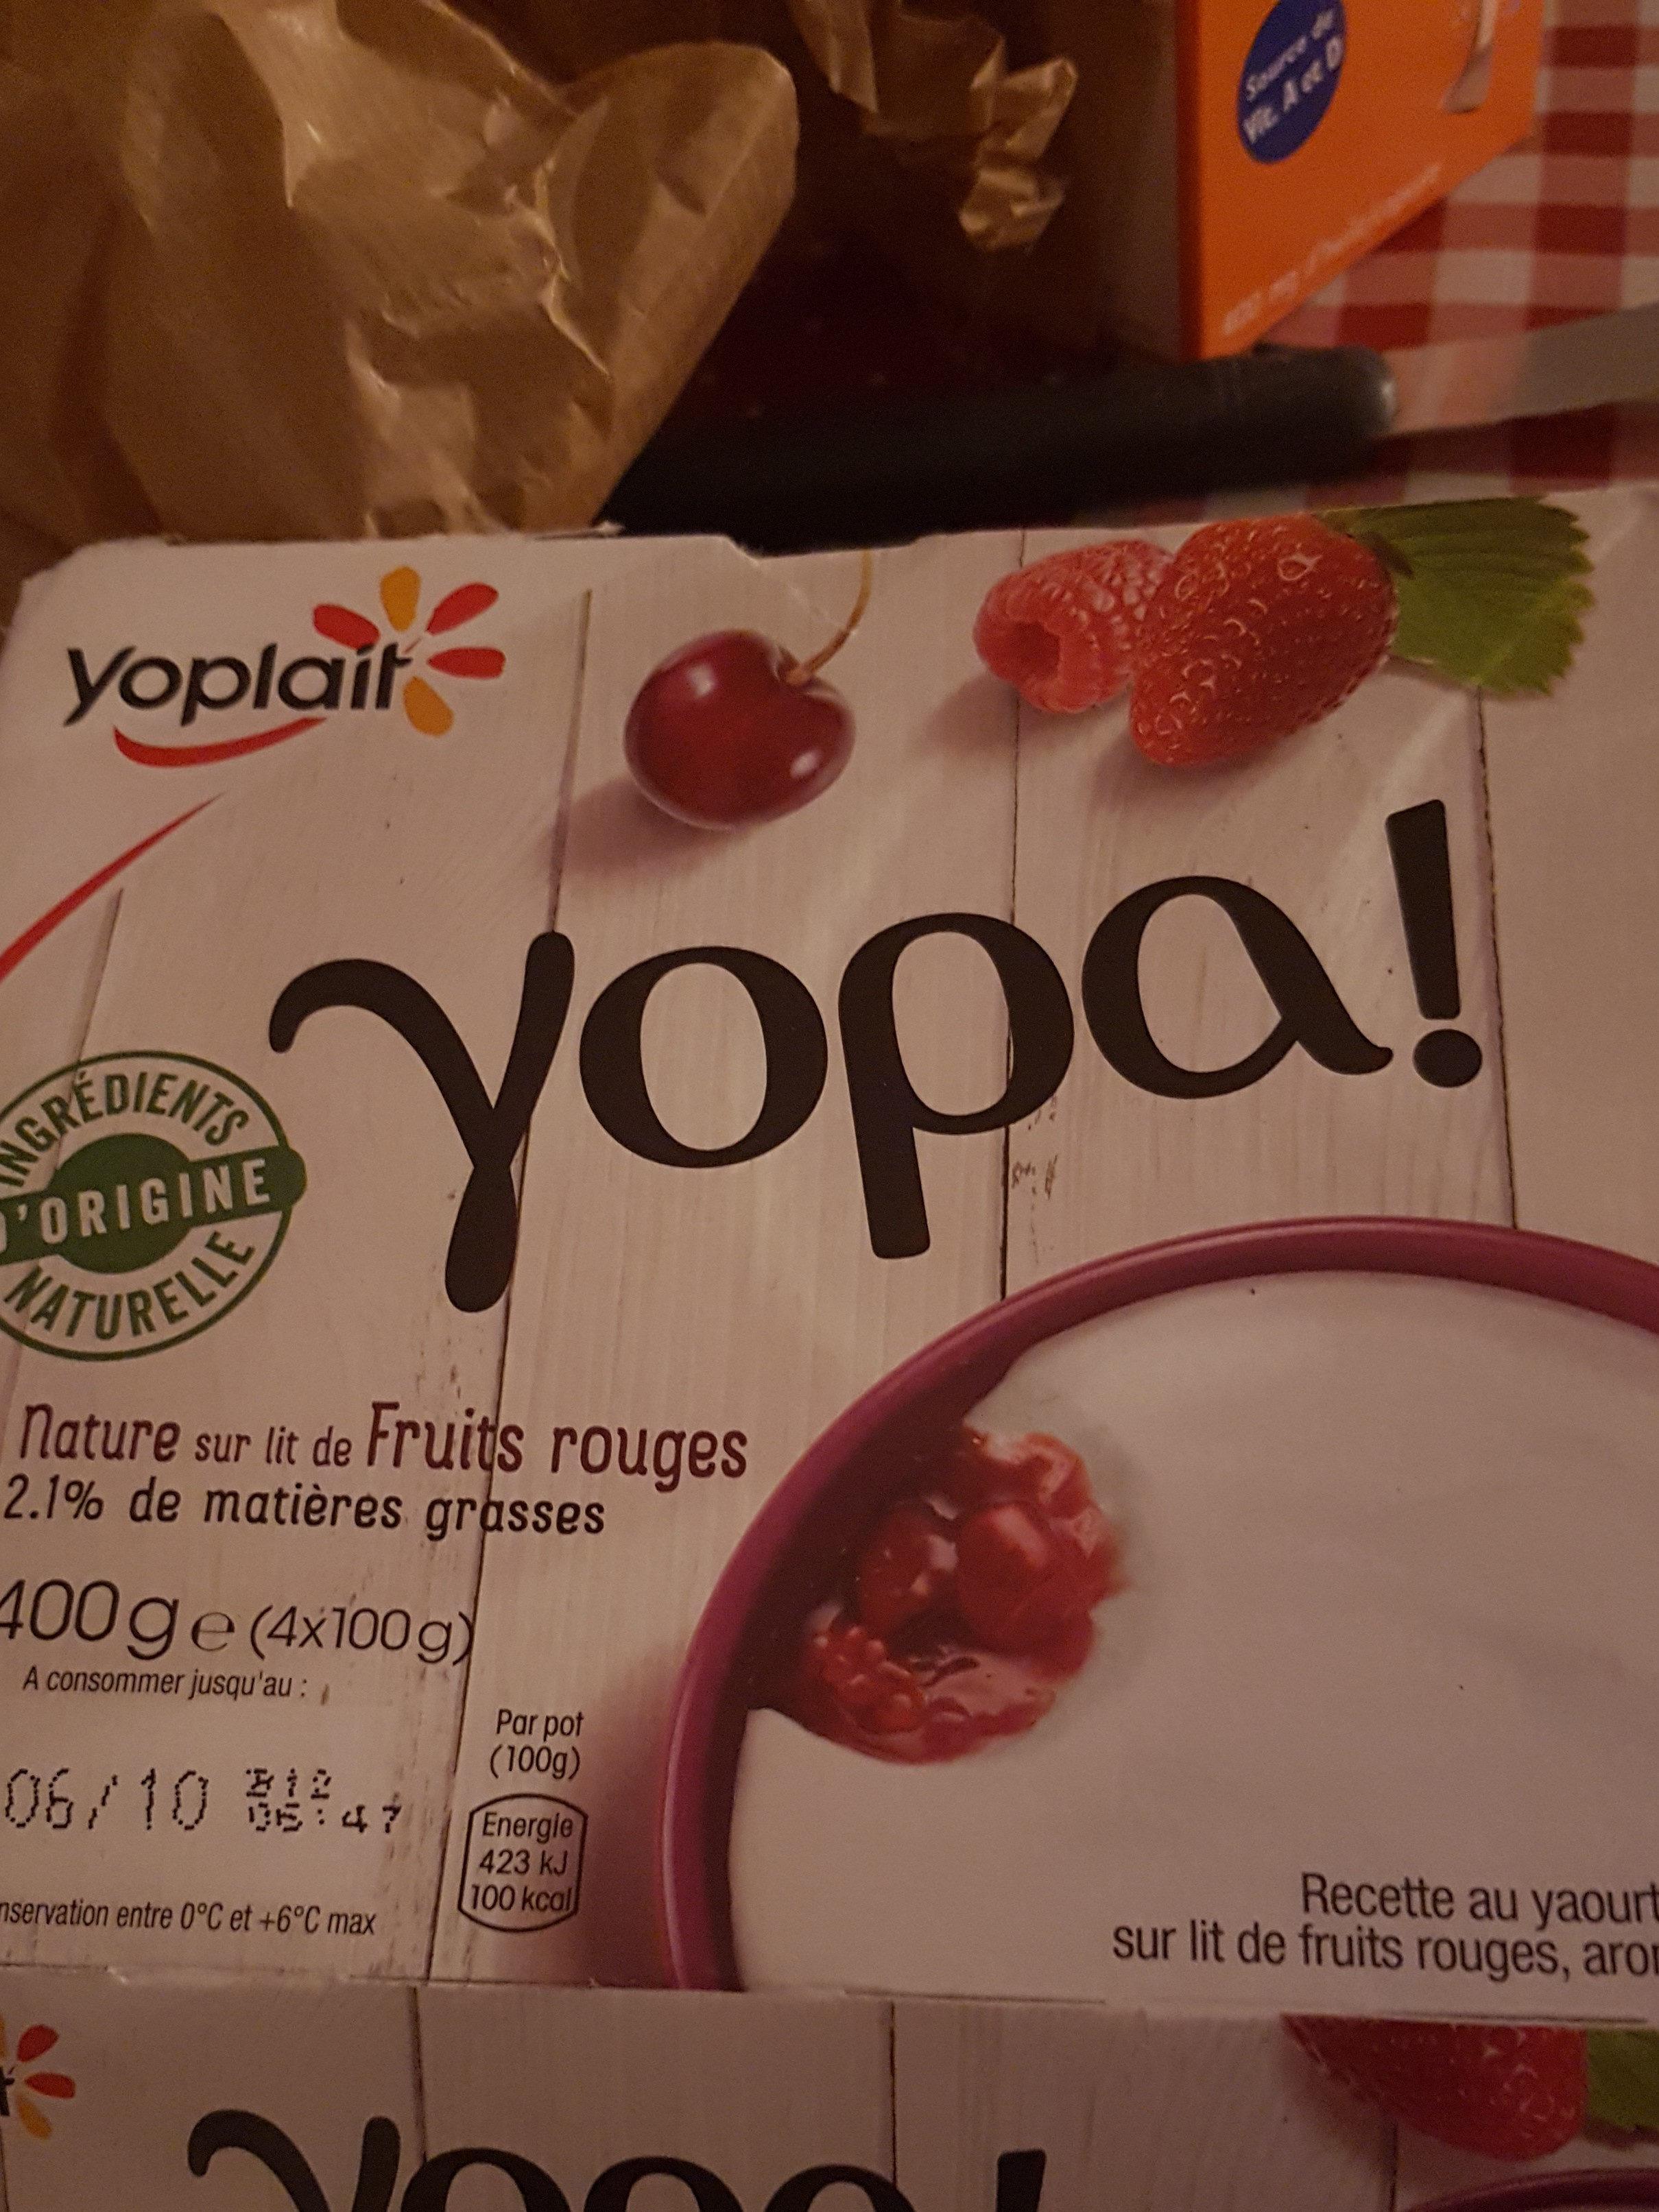 Recette au yaourt nature, sur lit de fruits rouges - Produit - fr